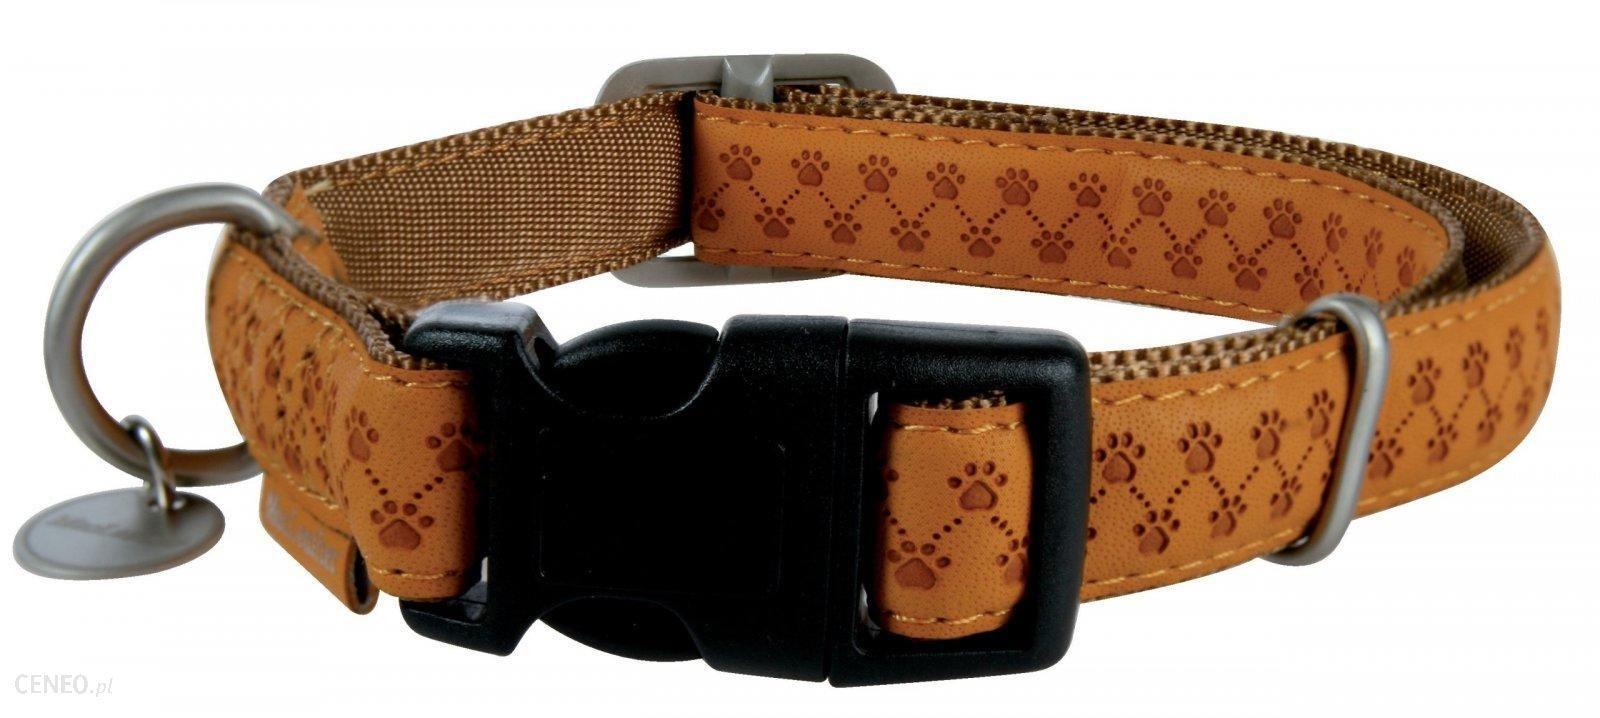 Zolux Mac Leather obroża 25mm karmel